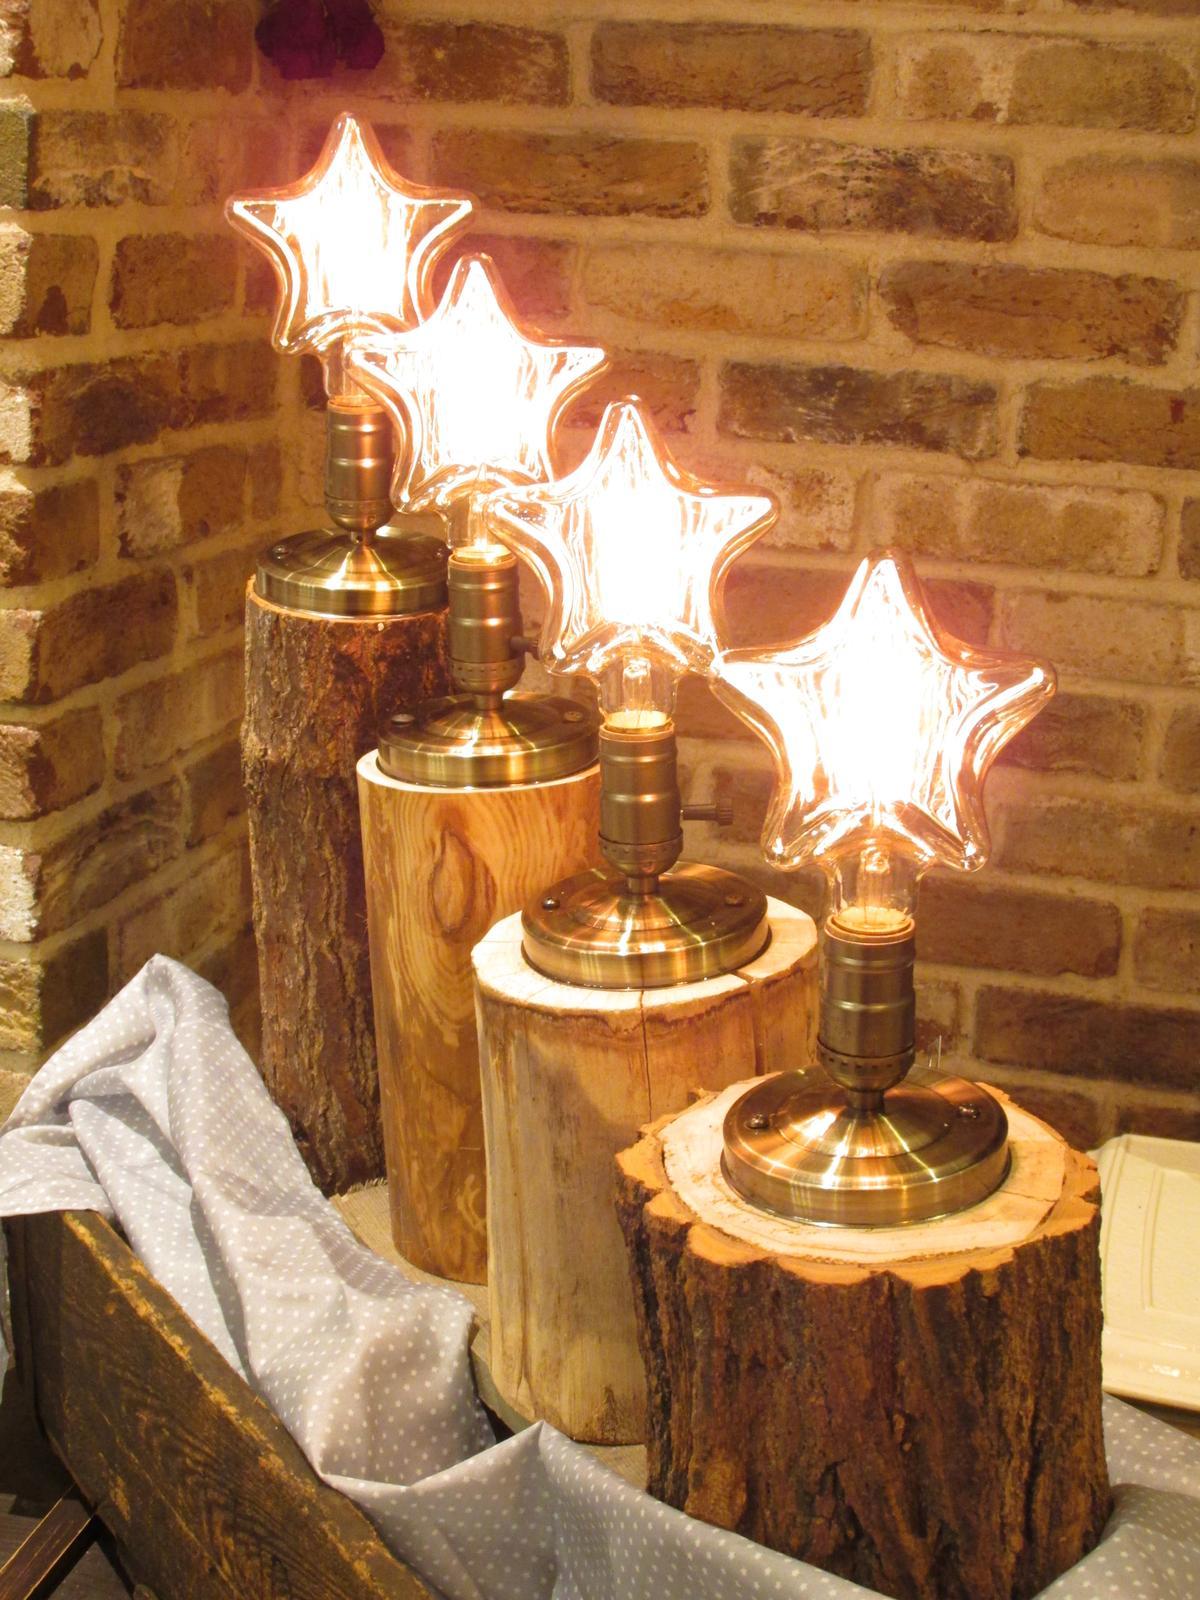 Vianočná lampa VINTAGE STAR - Obrázok č. 1